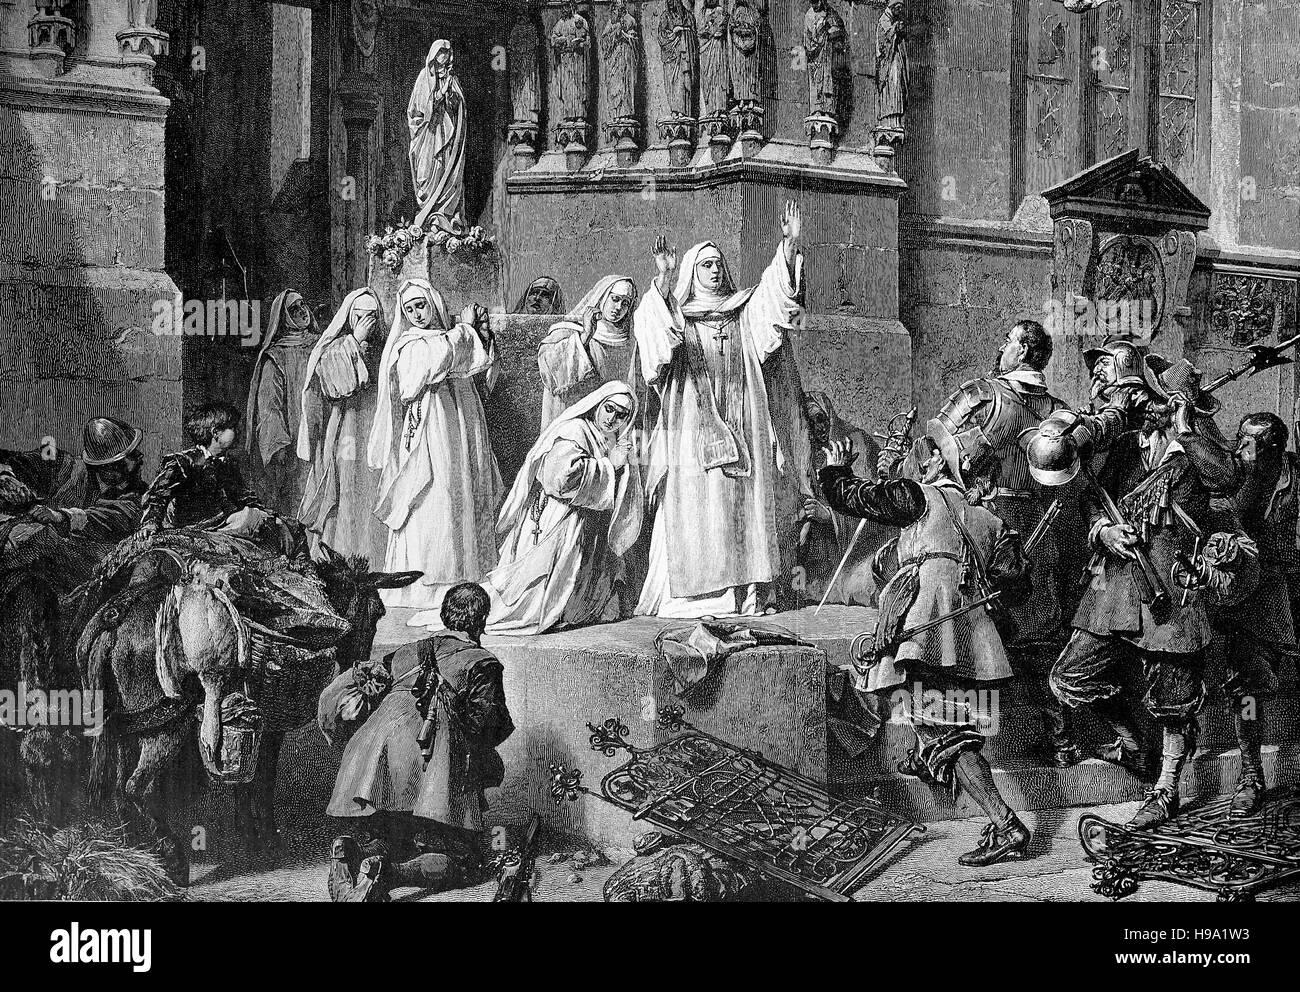 Kloster Frauenchiemsee, Deutschland, 1640, Abt Frau Magdalena verhindert die Zerstörung des Klosters durch Stockbild